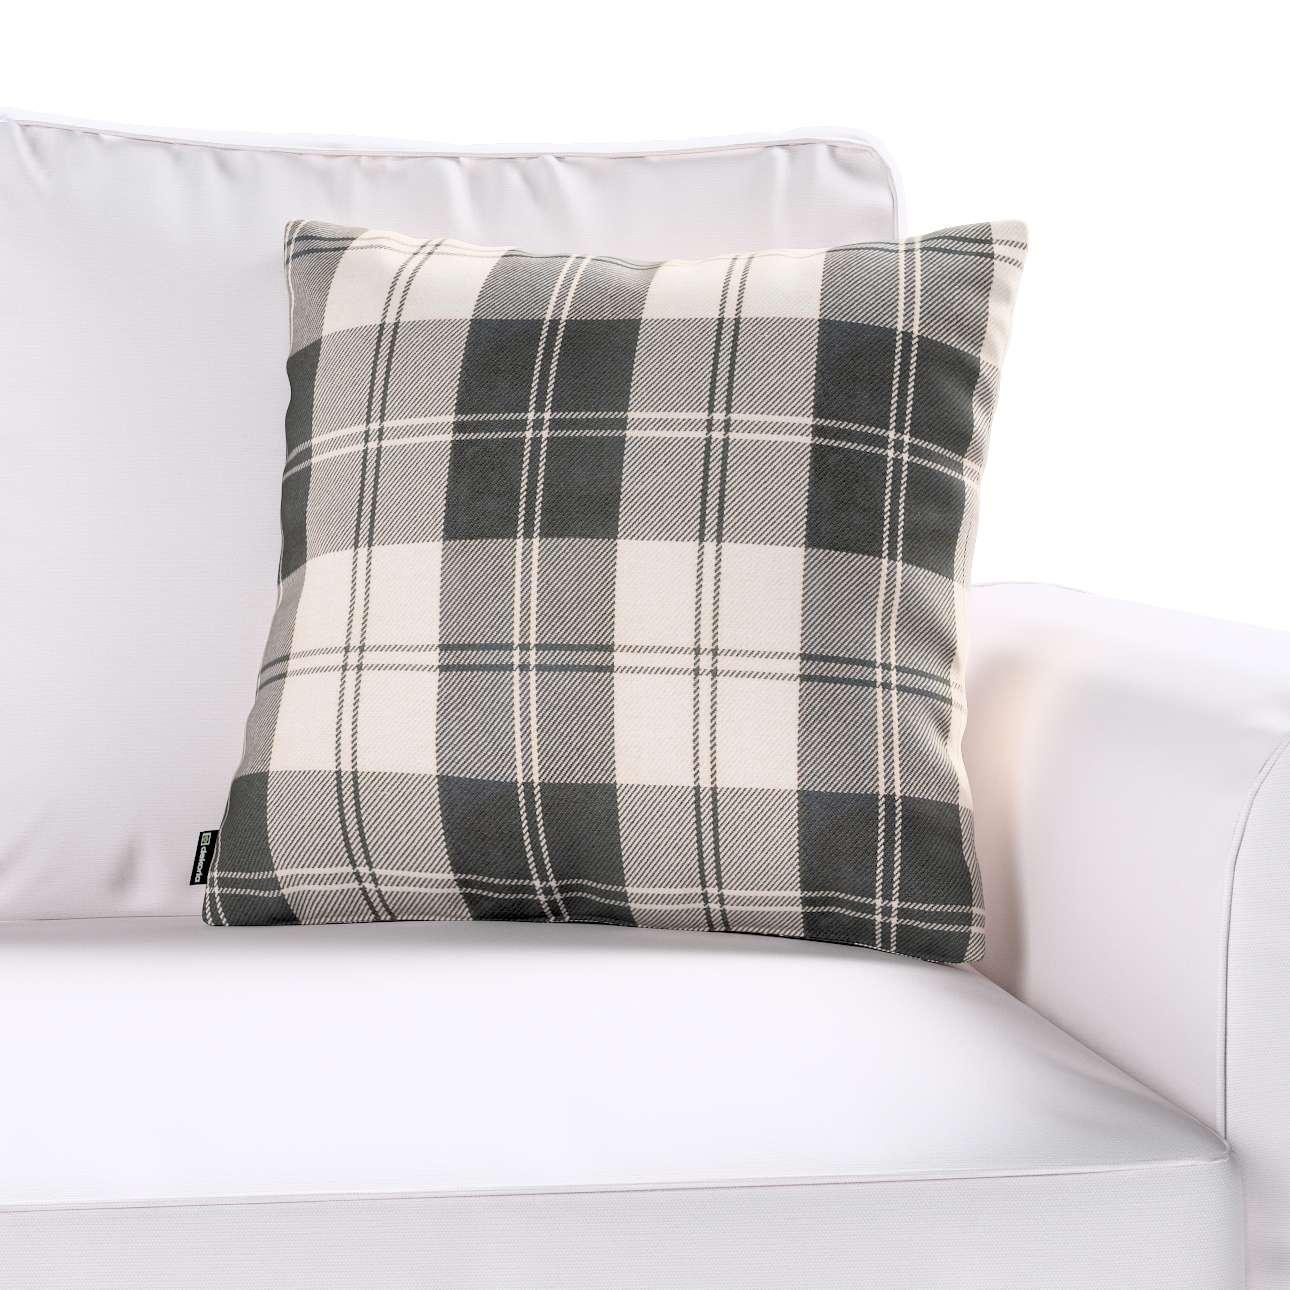 Poszewka Kinga na poduszkę w kolekcji Edinburgh, tkanina: 115-74